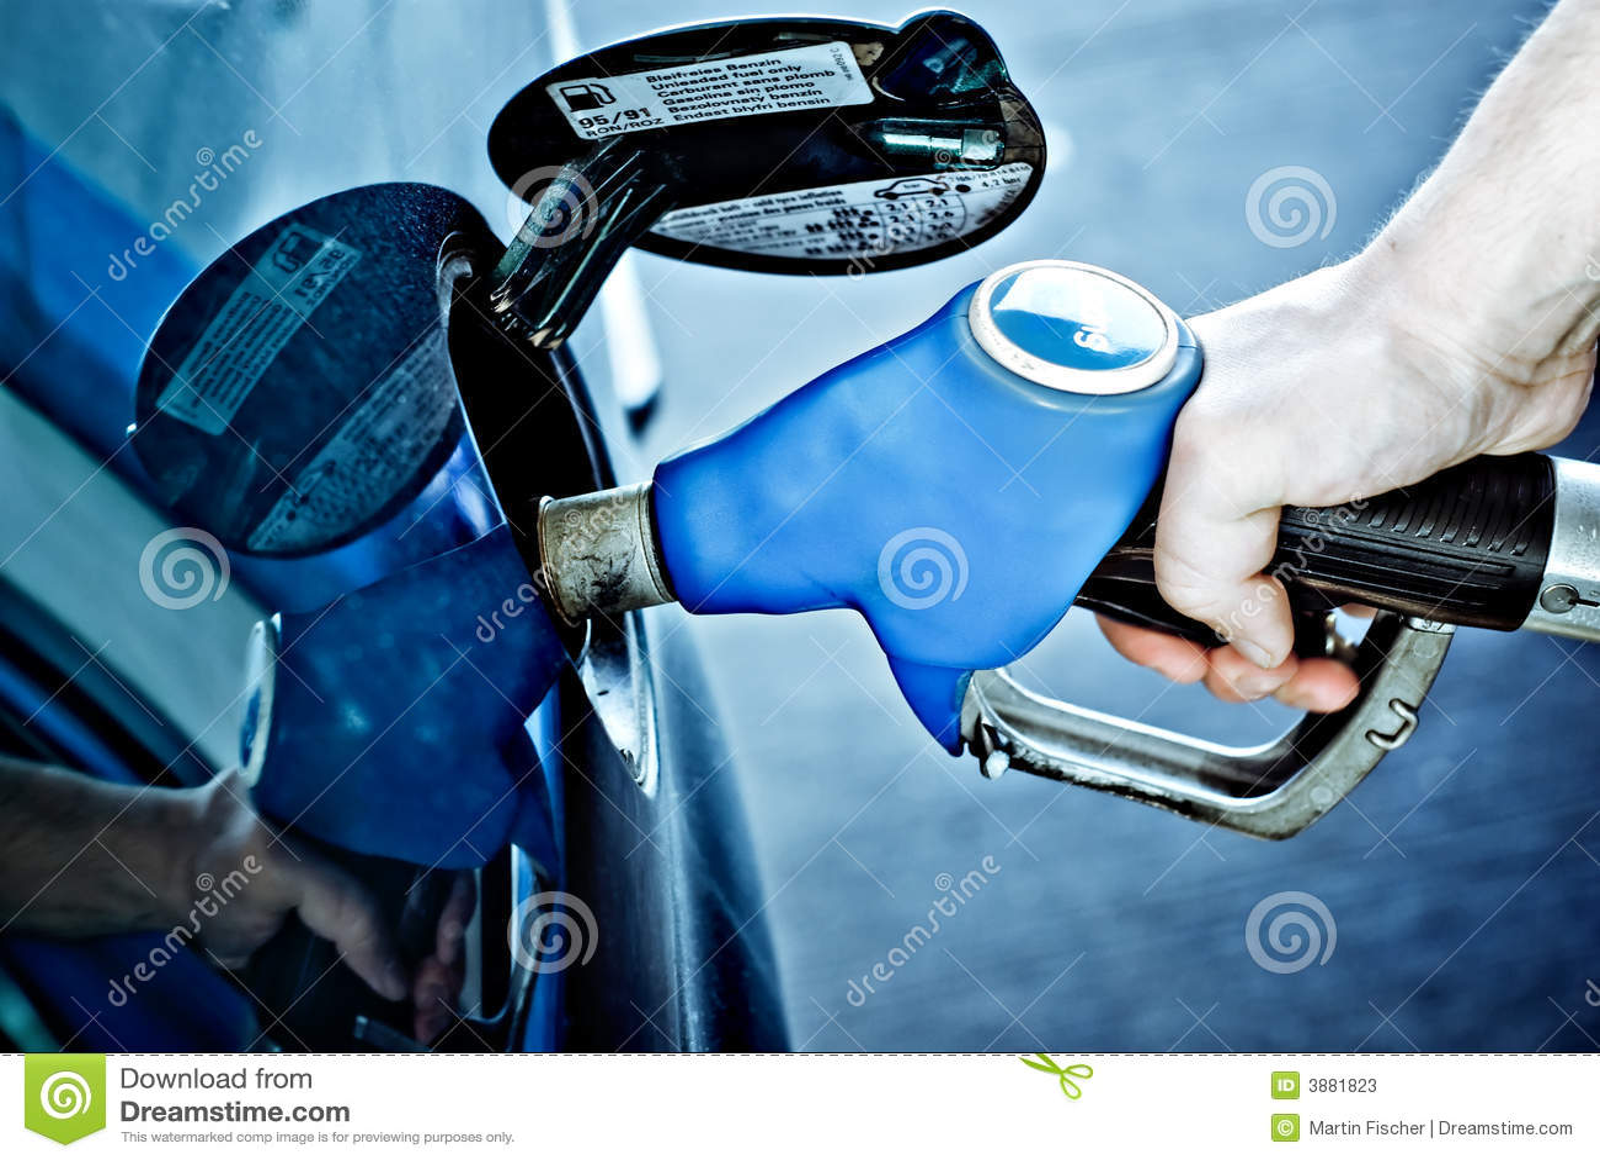 Rifornimento di carburante dell automobile